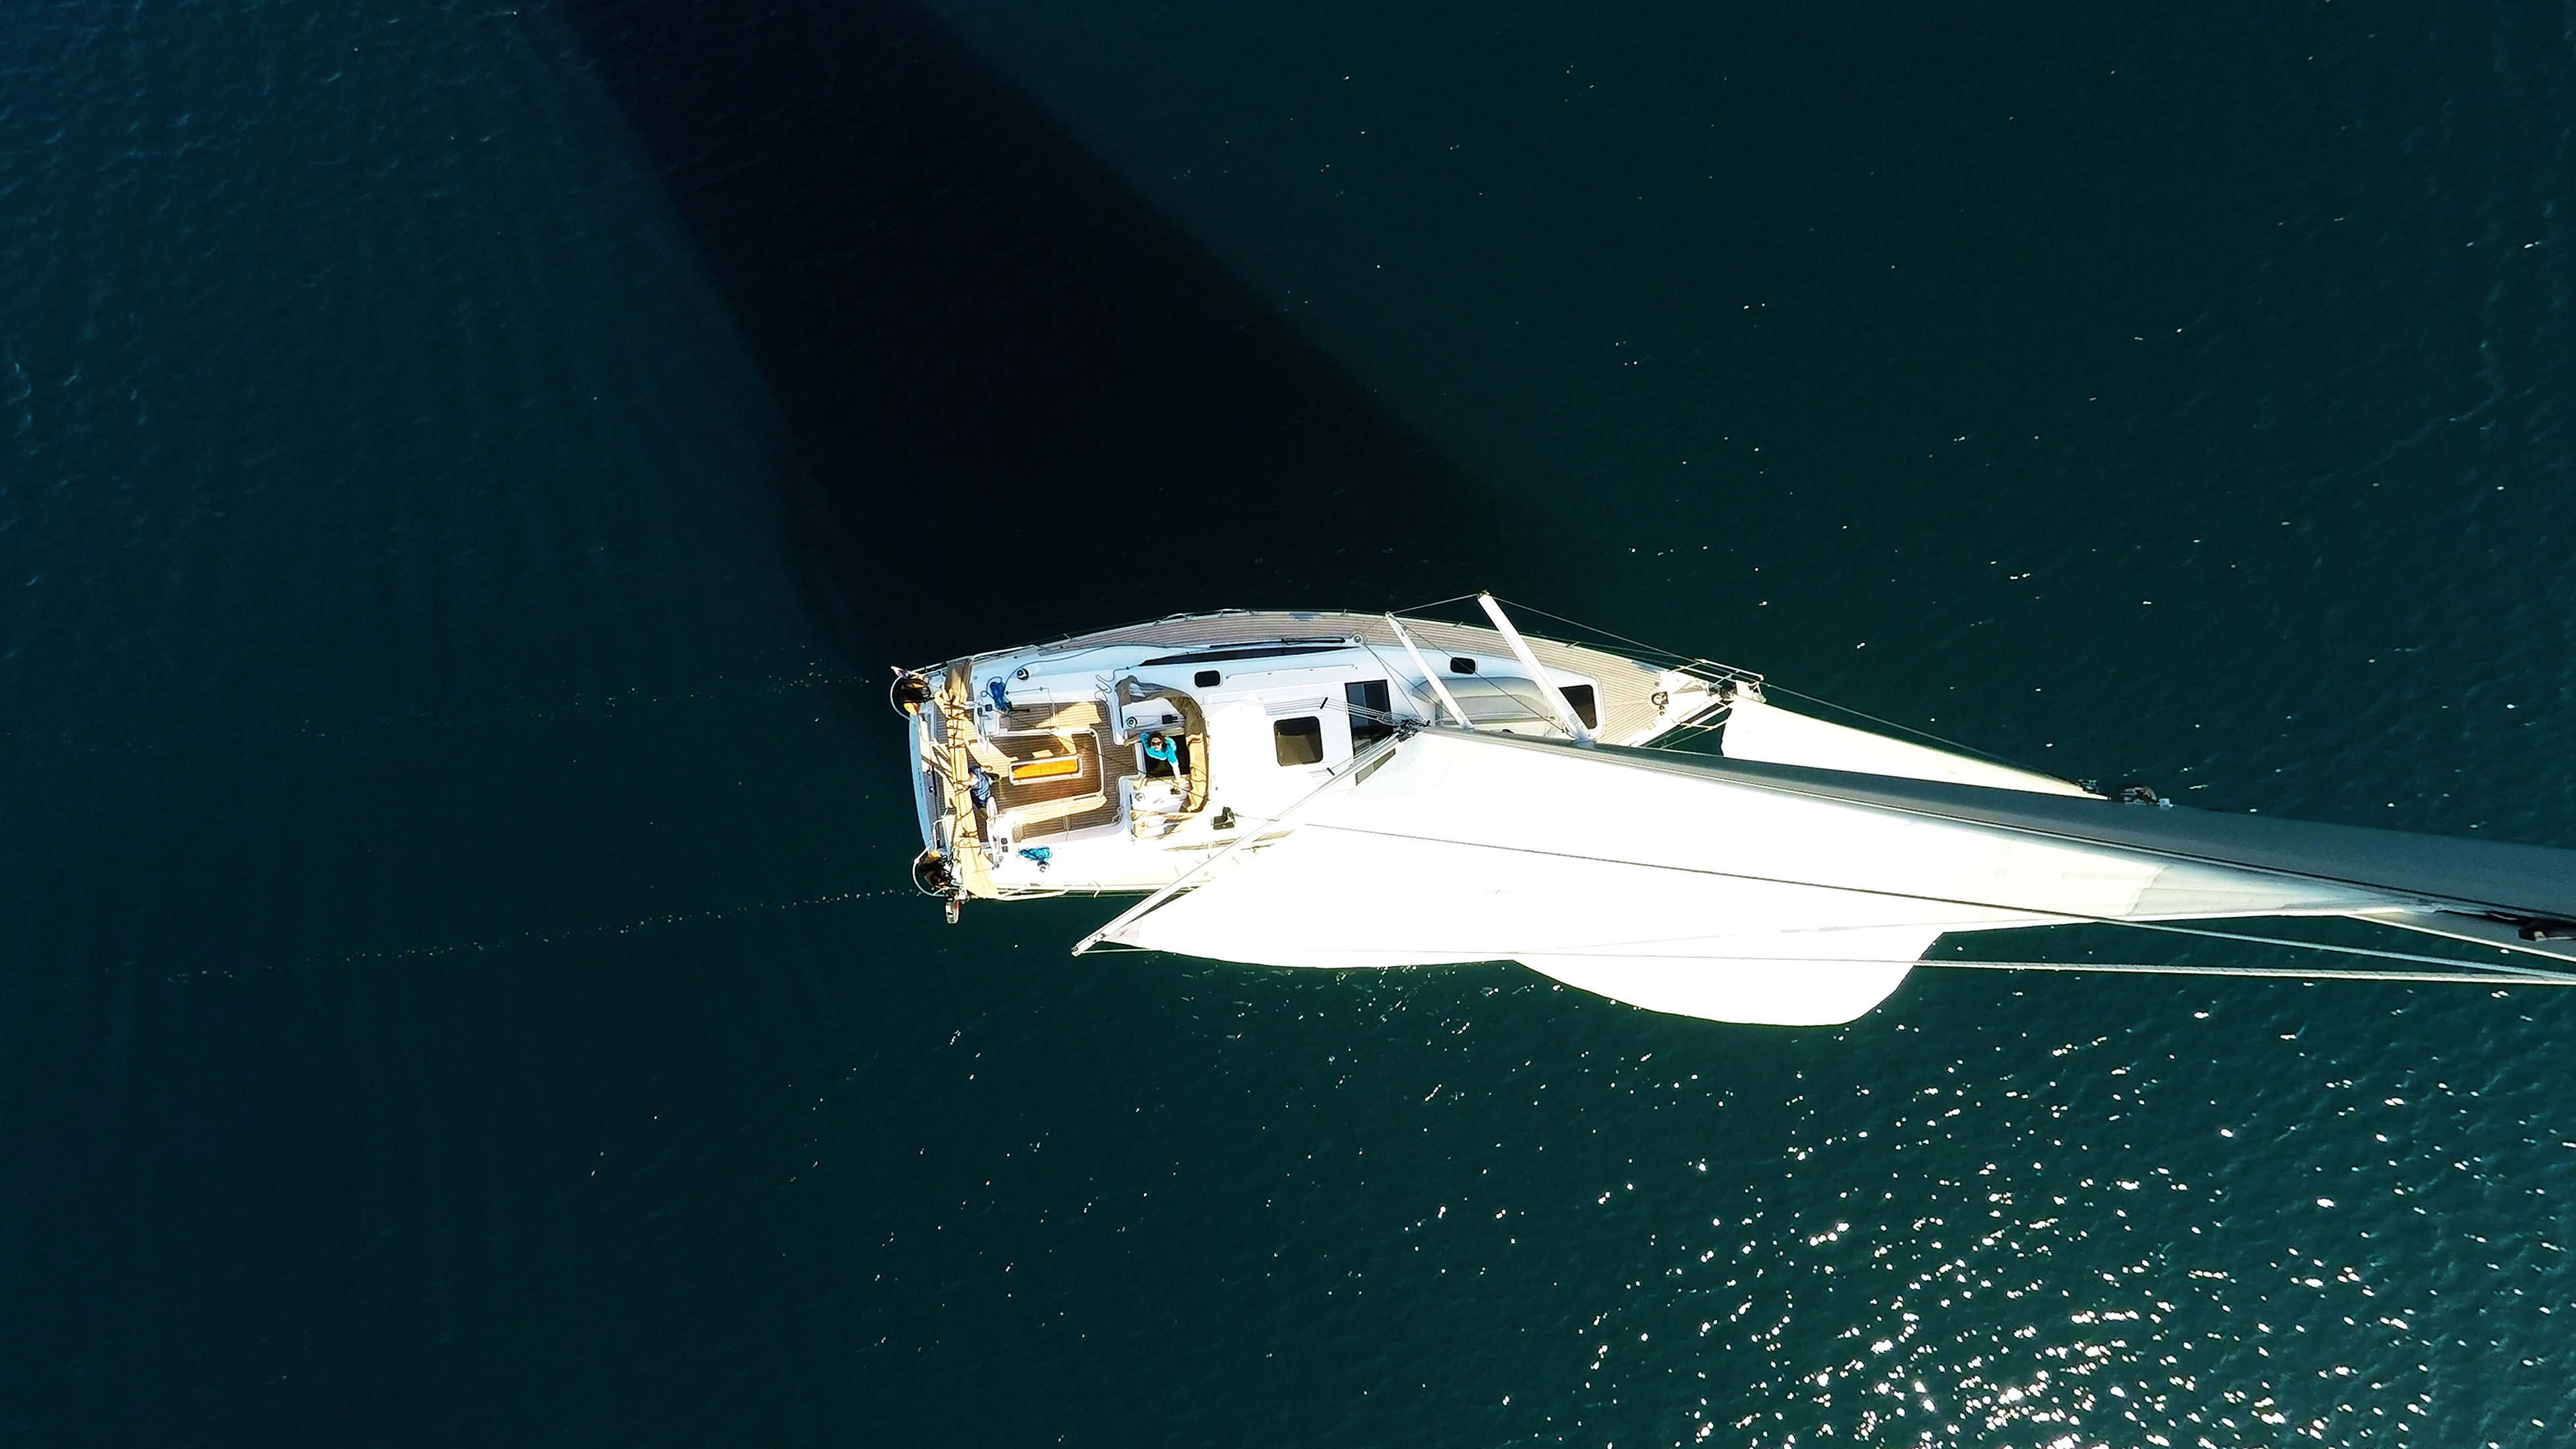 bateau à voile du haut du mât bateau à voile voiliers voiles